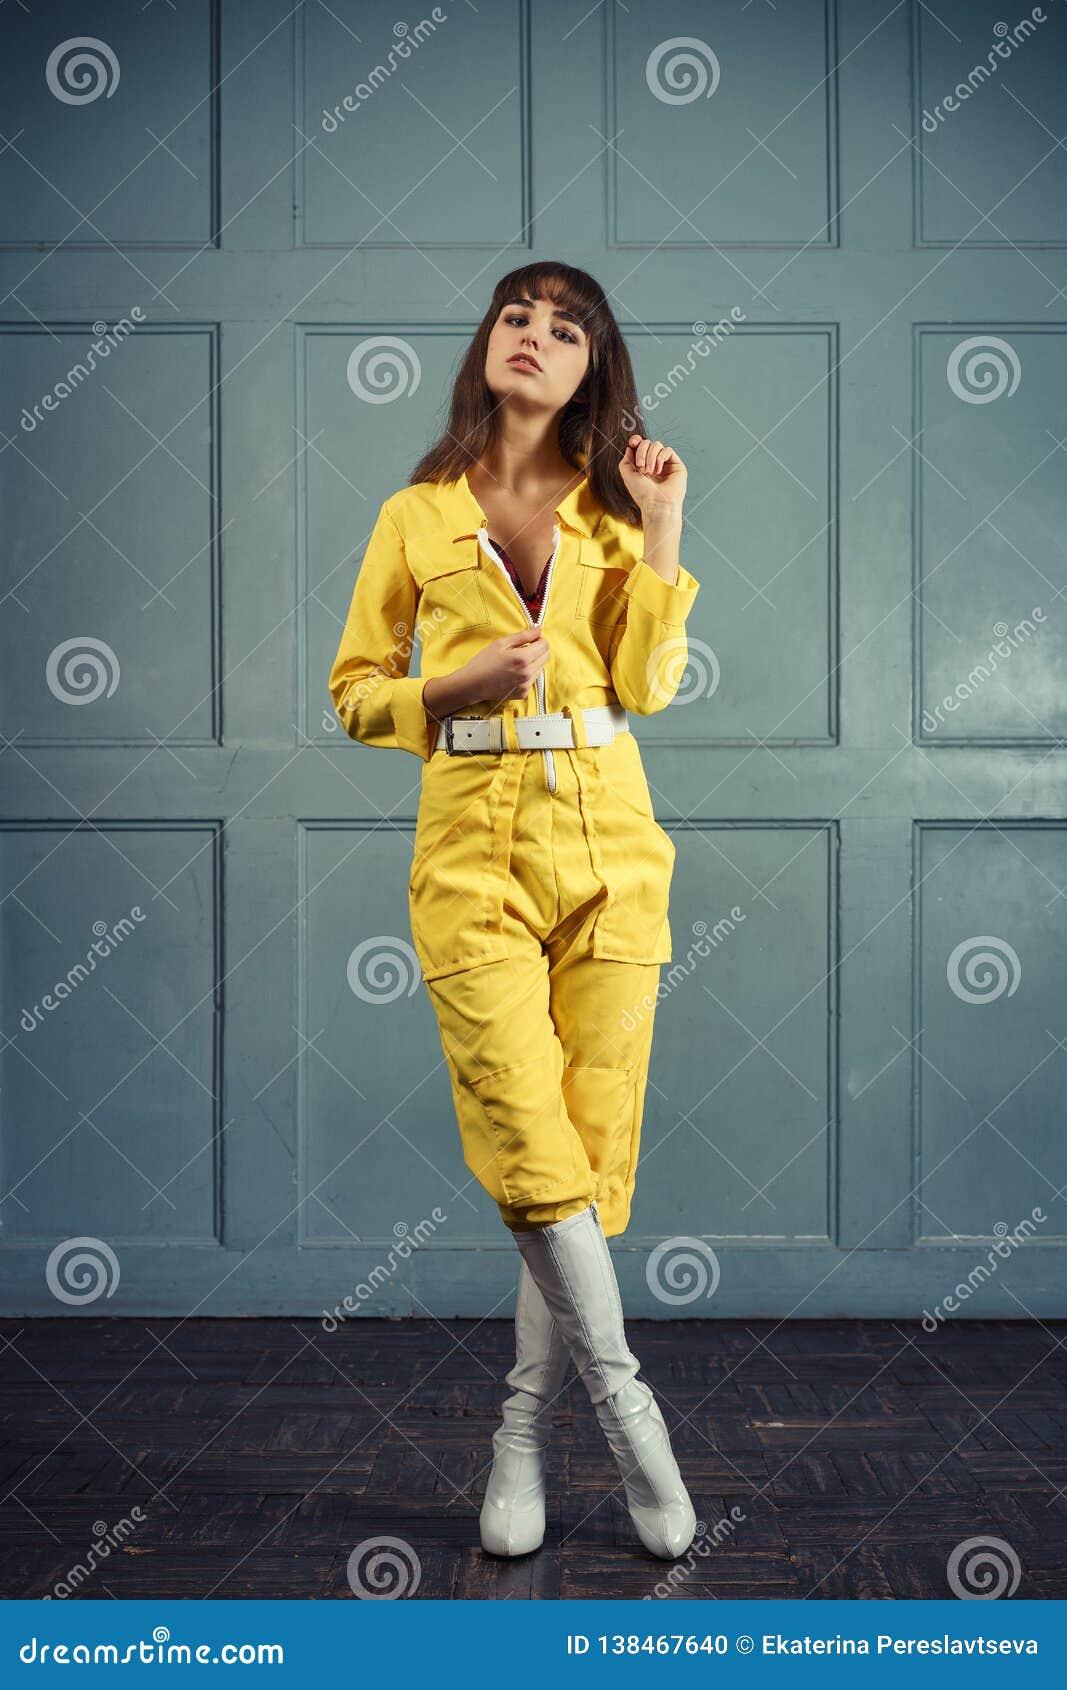 dbfb3fb30 Mujer Hermosa Joven En Traje Amarillo Del Trabajo Foto de archivo ...